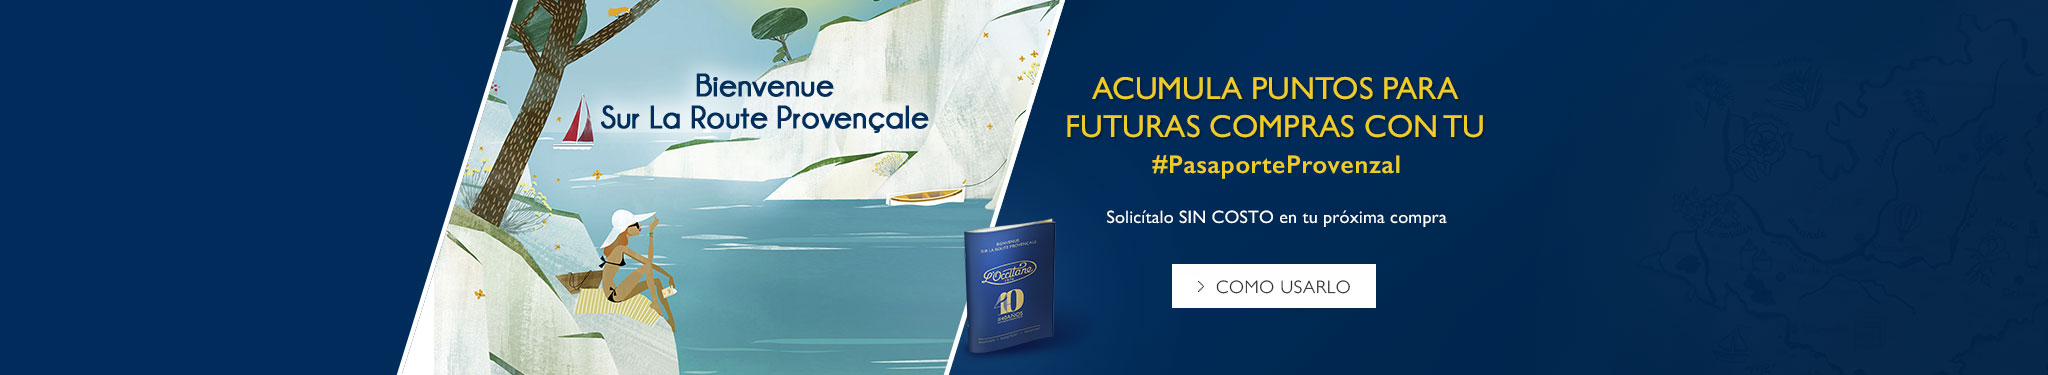 Acumula puntos para futuras compras con tu Pasaporte Provenzal